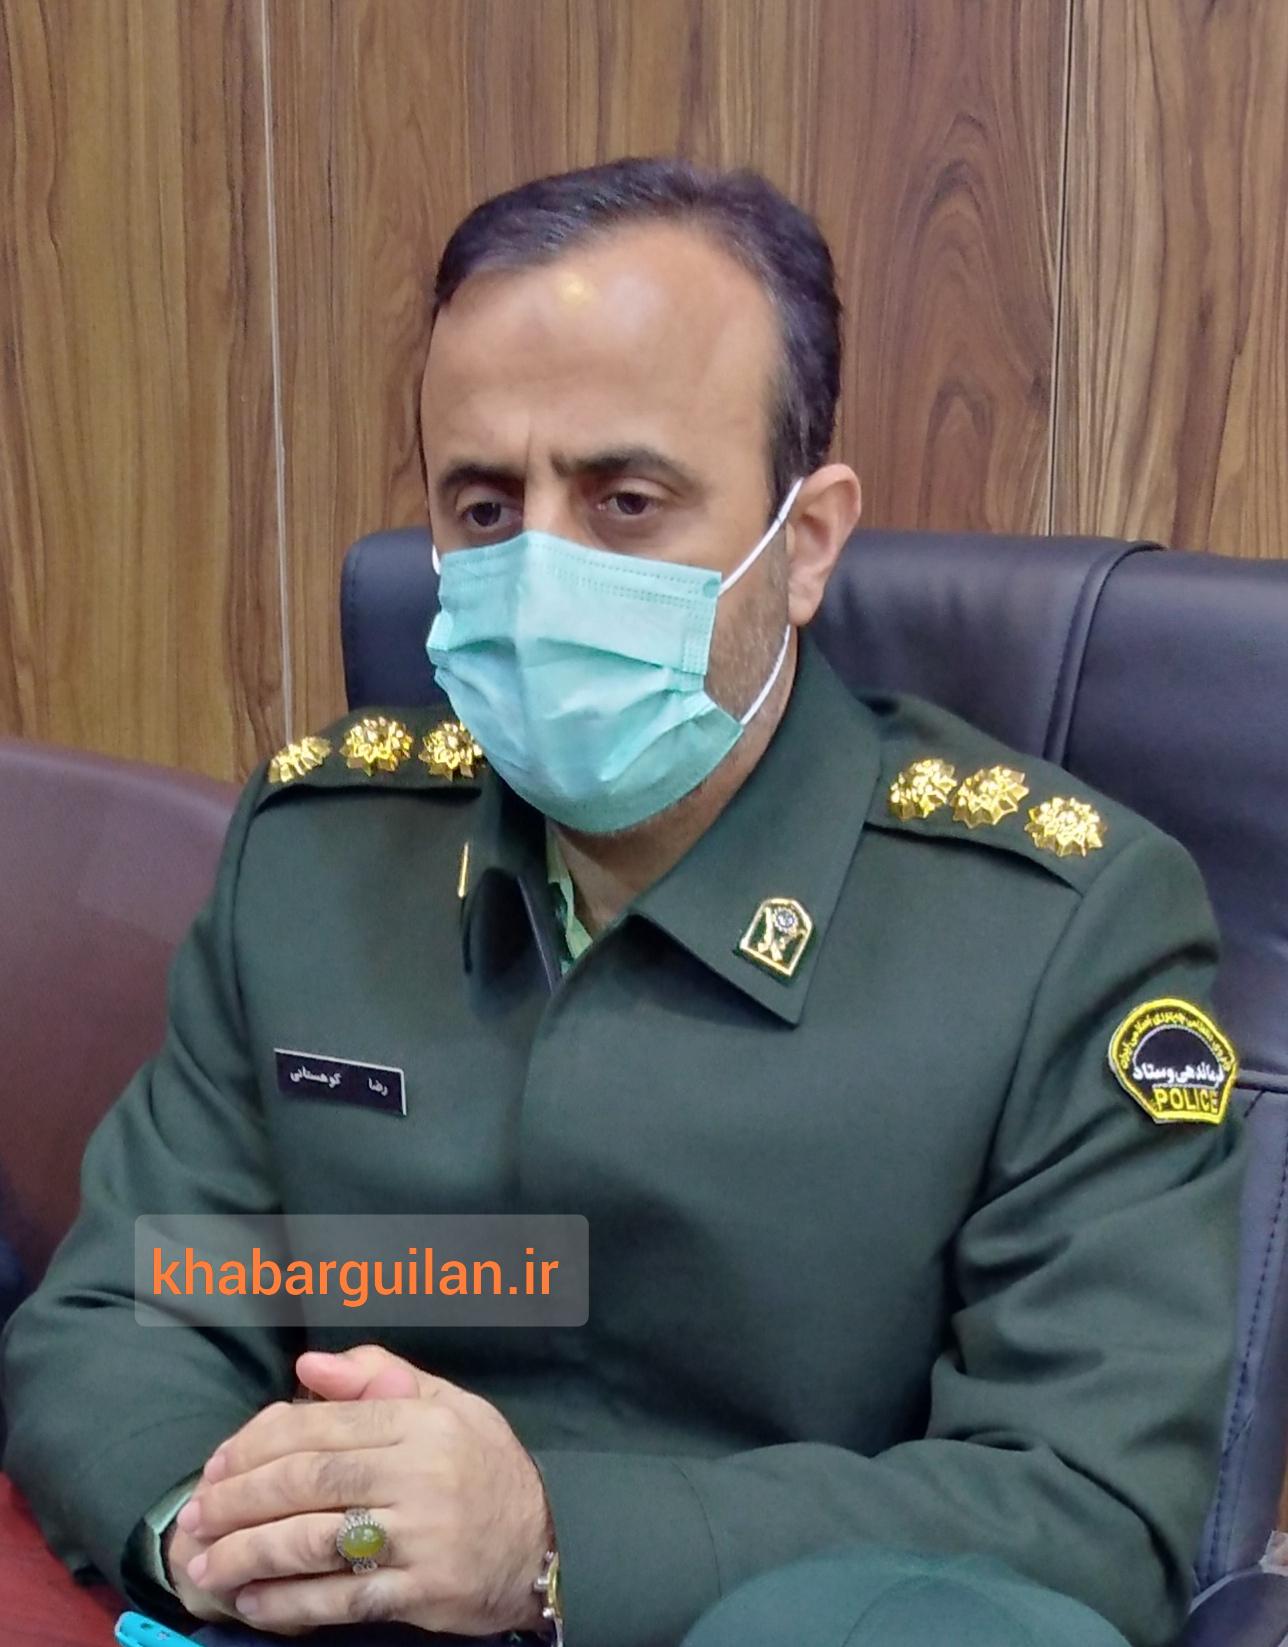 سارق کابل مخابرات صومعه سرا دستگیر شد.